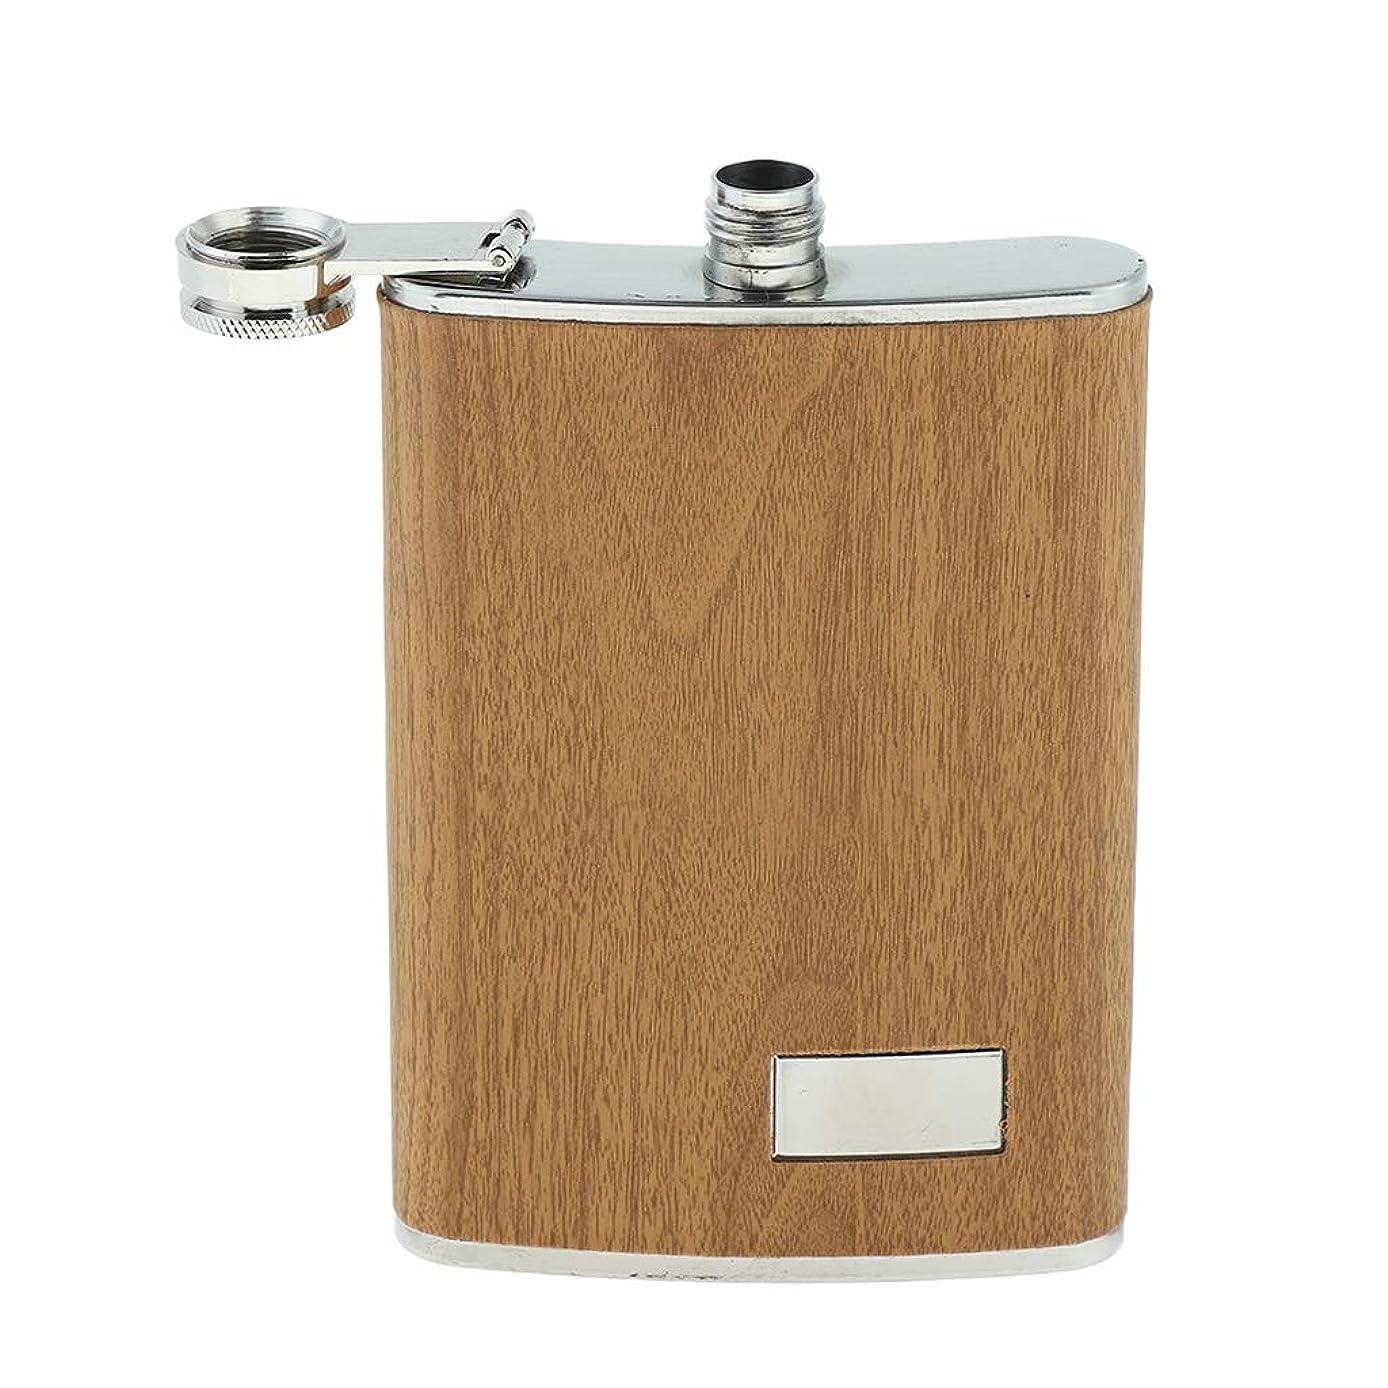 トークン埋め込む有益CUTICATE フラスコ スキットル 酒ボトル ステンレス ウイスキー アルコール 携帯用 耐食性 漏れない ステンレス